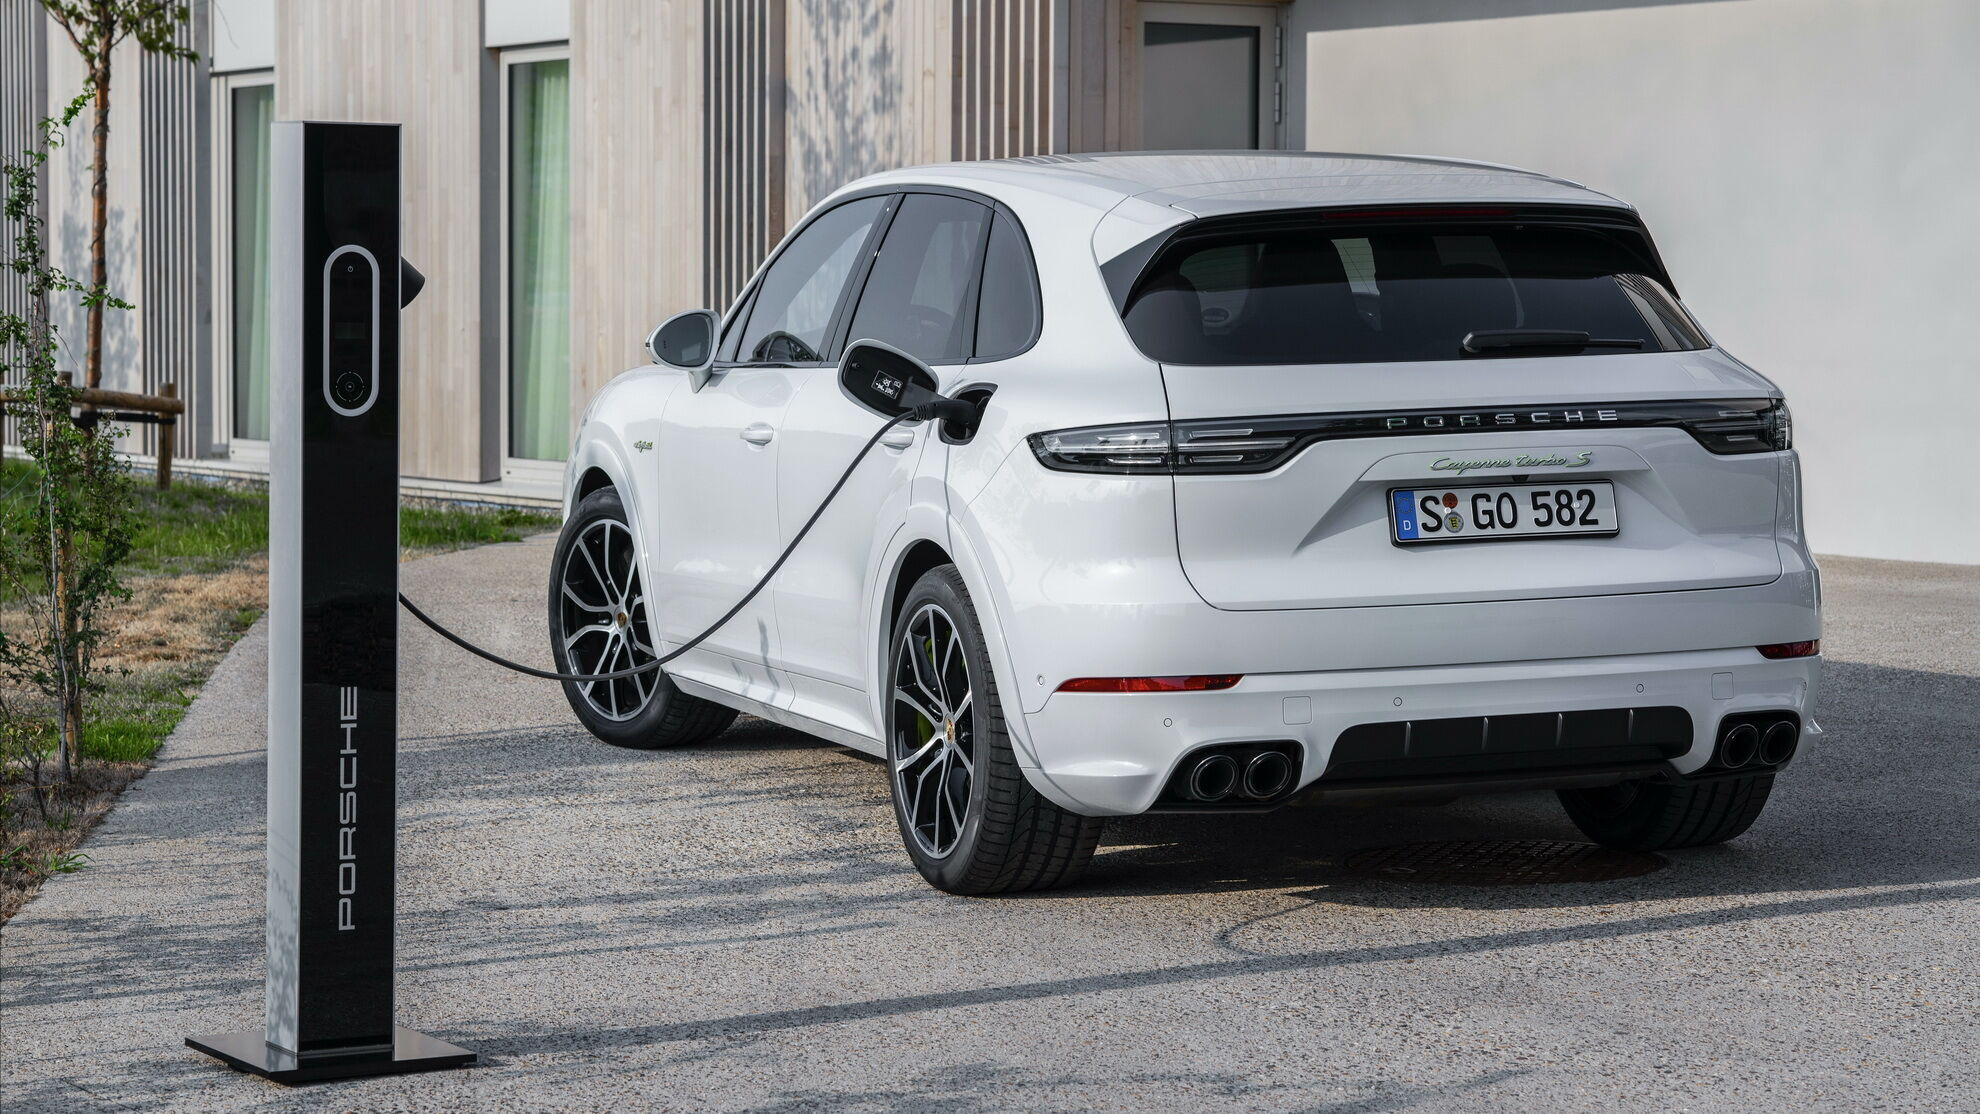 У 2019 з'явилася найпотужніша модель сімейства – PHEV-гібрид Cayenne Turbo S E-Hybrid